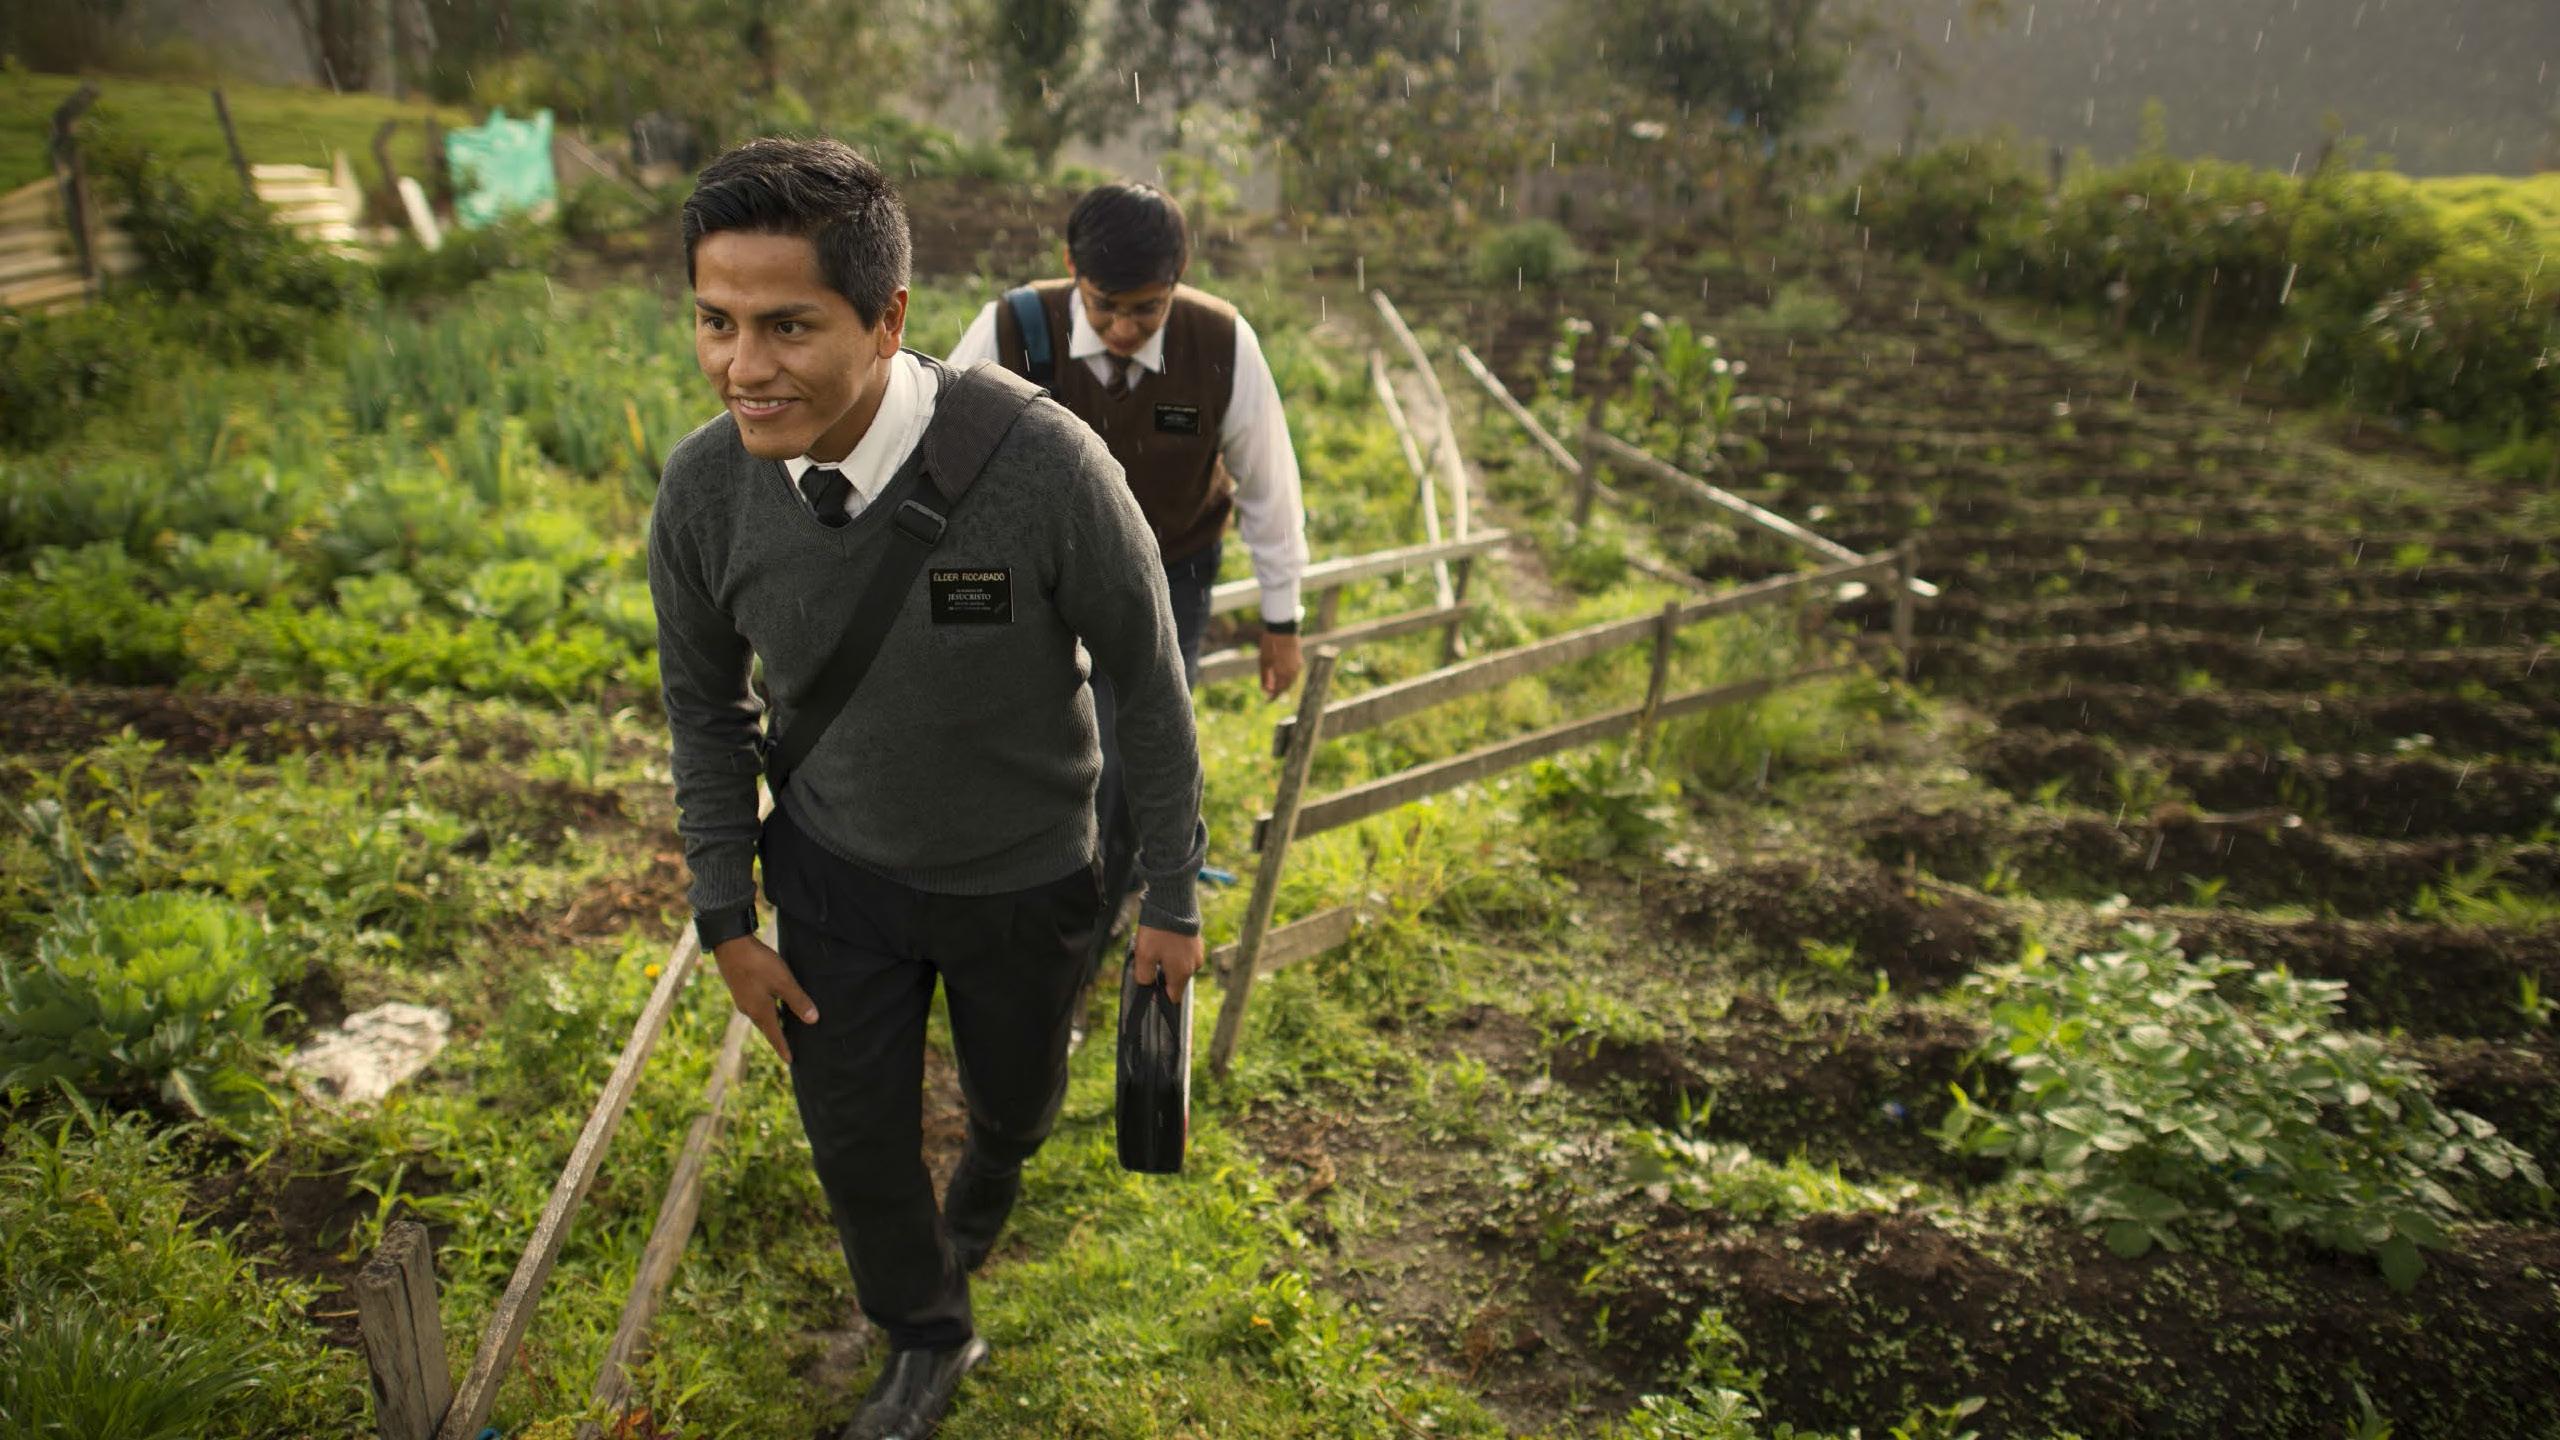 Iglesia lanza Innovador Recurso para Misioneros Retornados